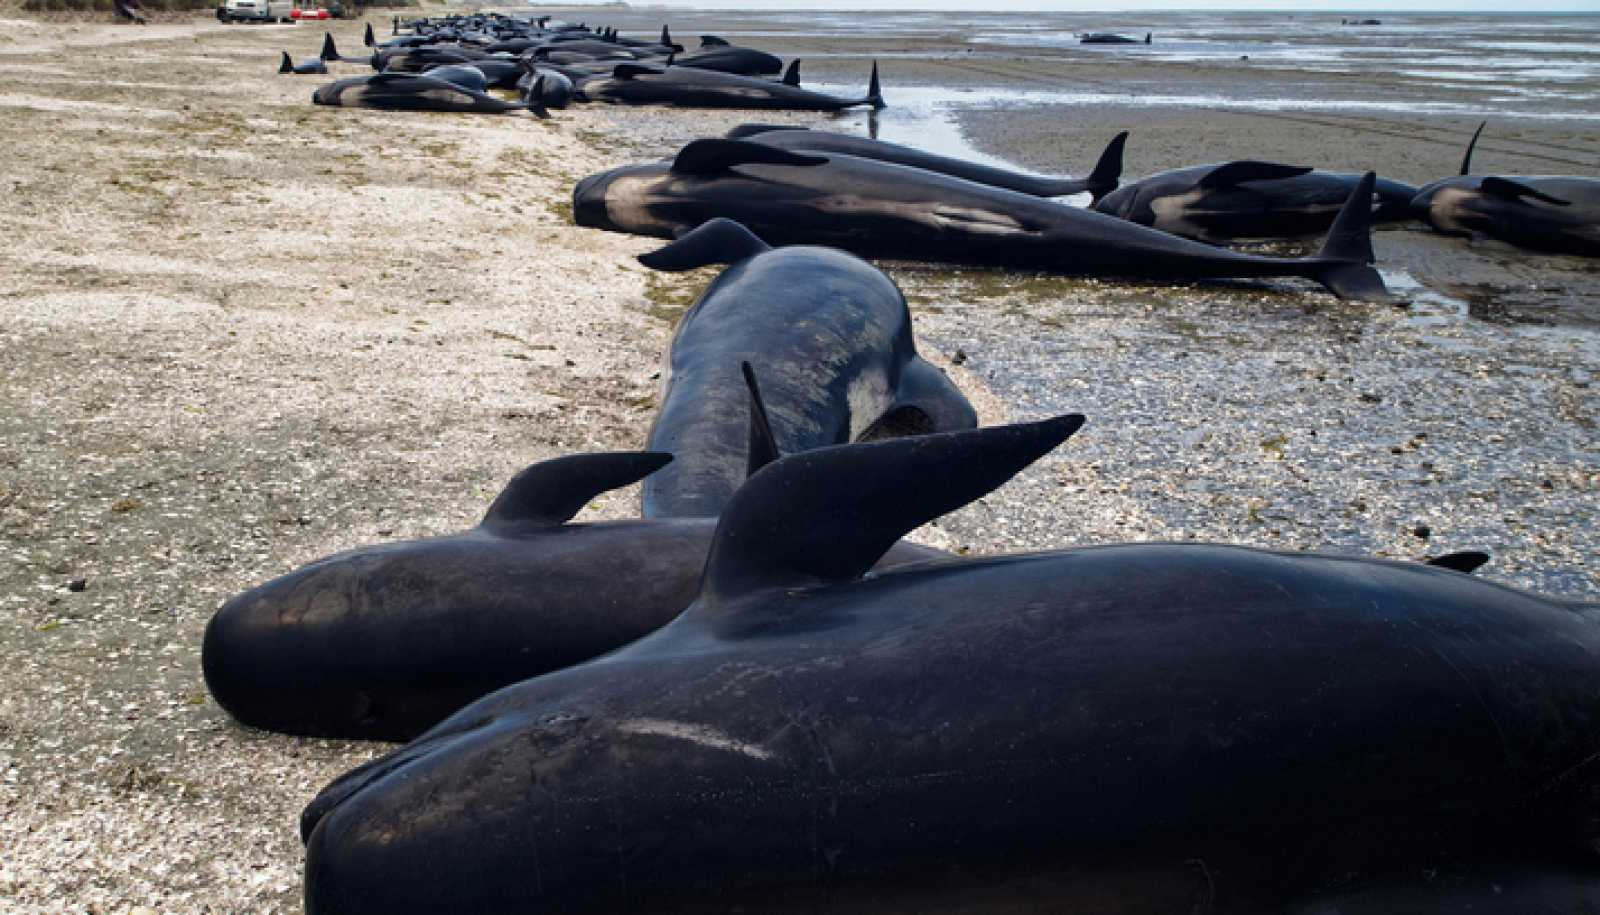 Españoles en la mar - Varamiento de ballenas - 02/10/20 - escuchar ahora